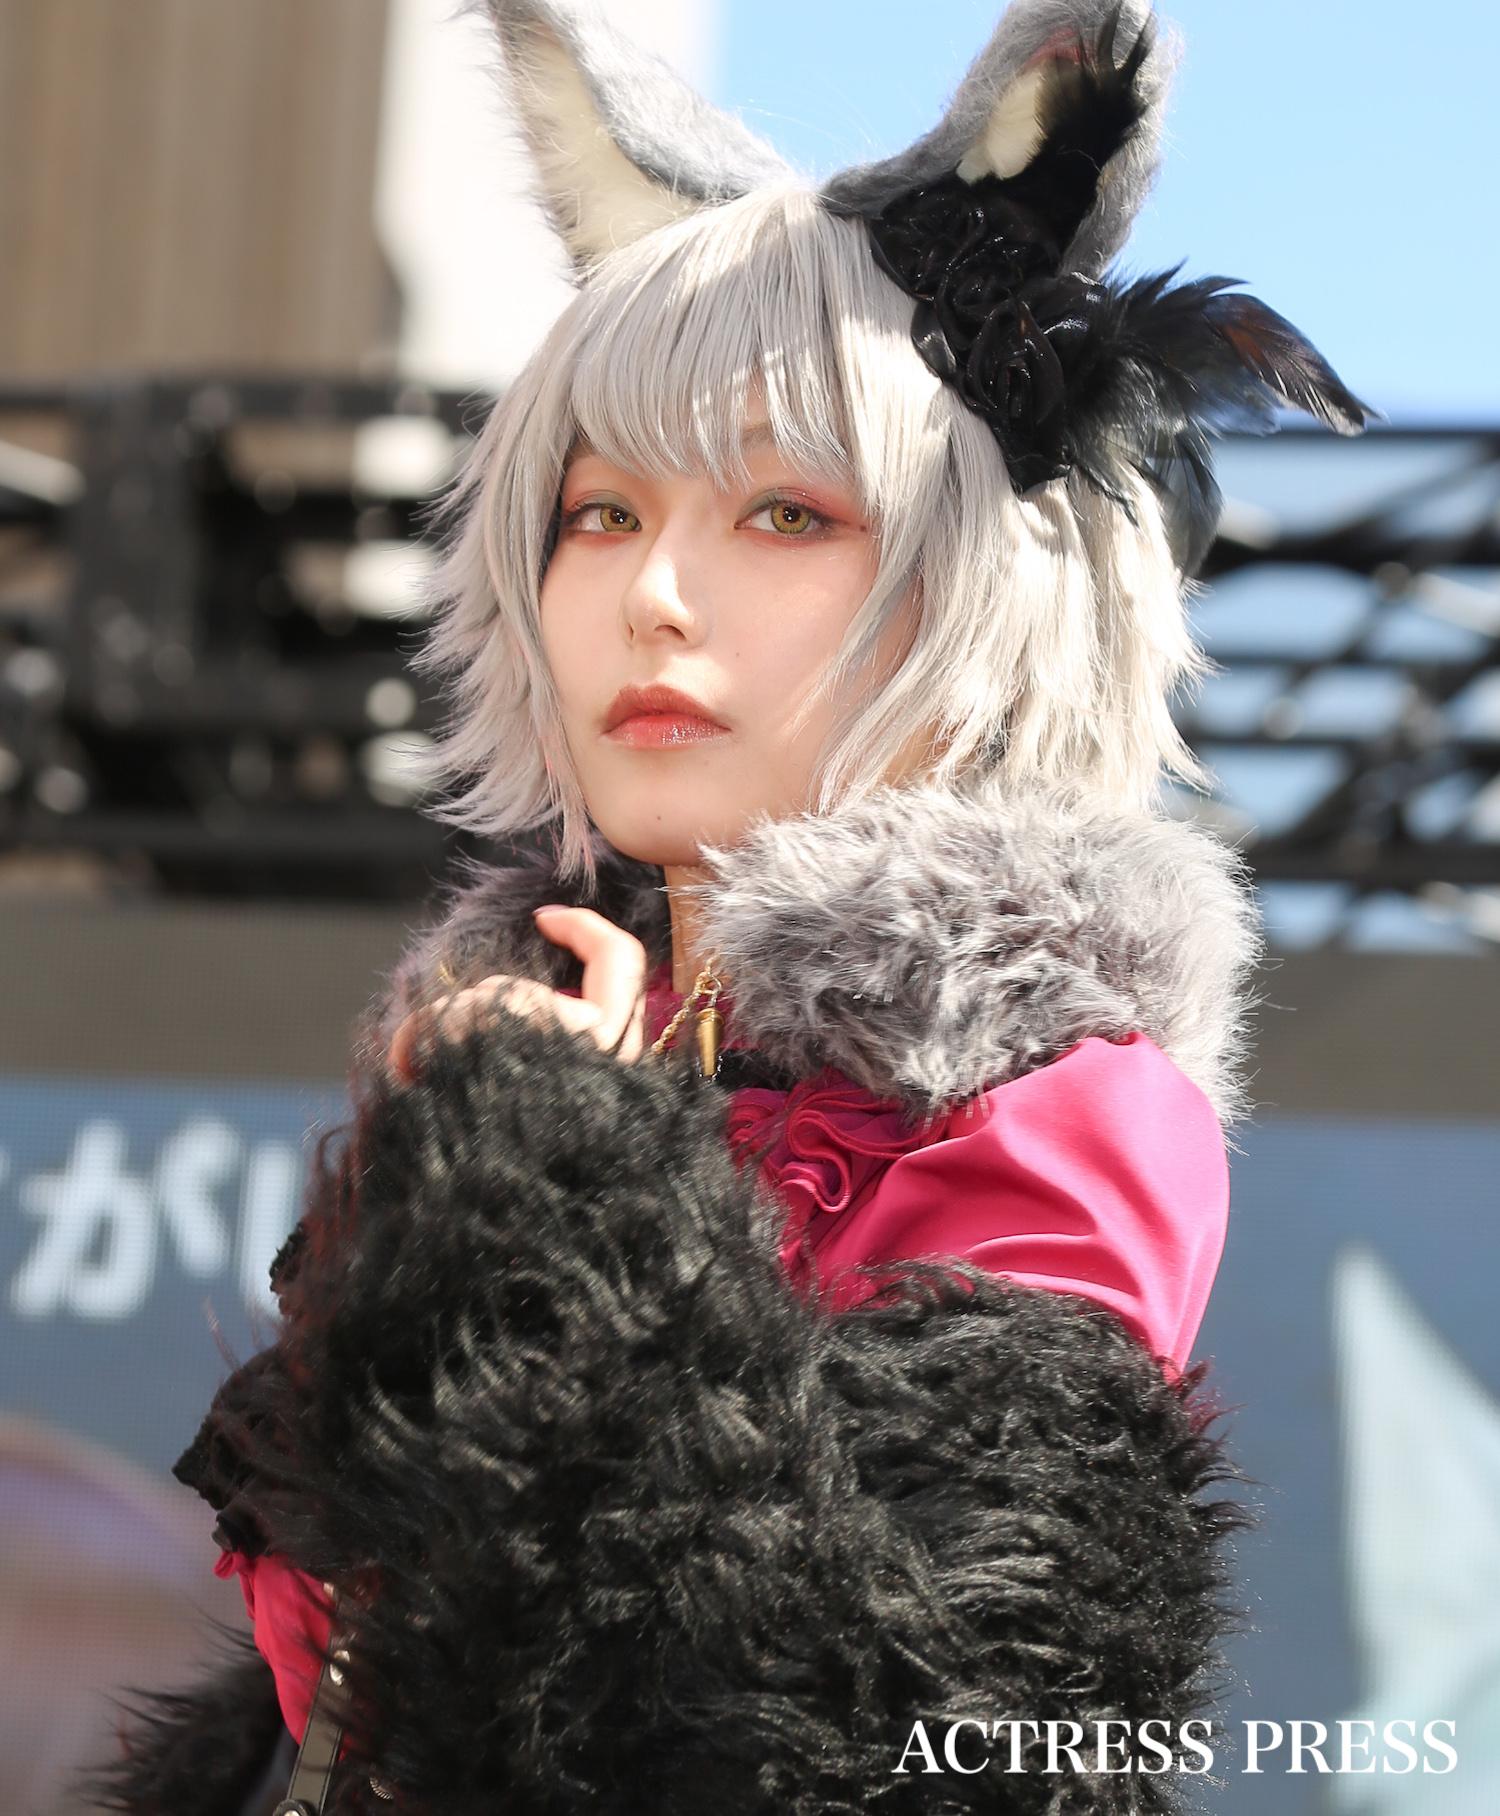 画像17枚】フリーアナ 宇垣美里さん、仲間と共に池袋ハロウィン